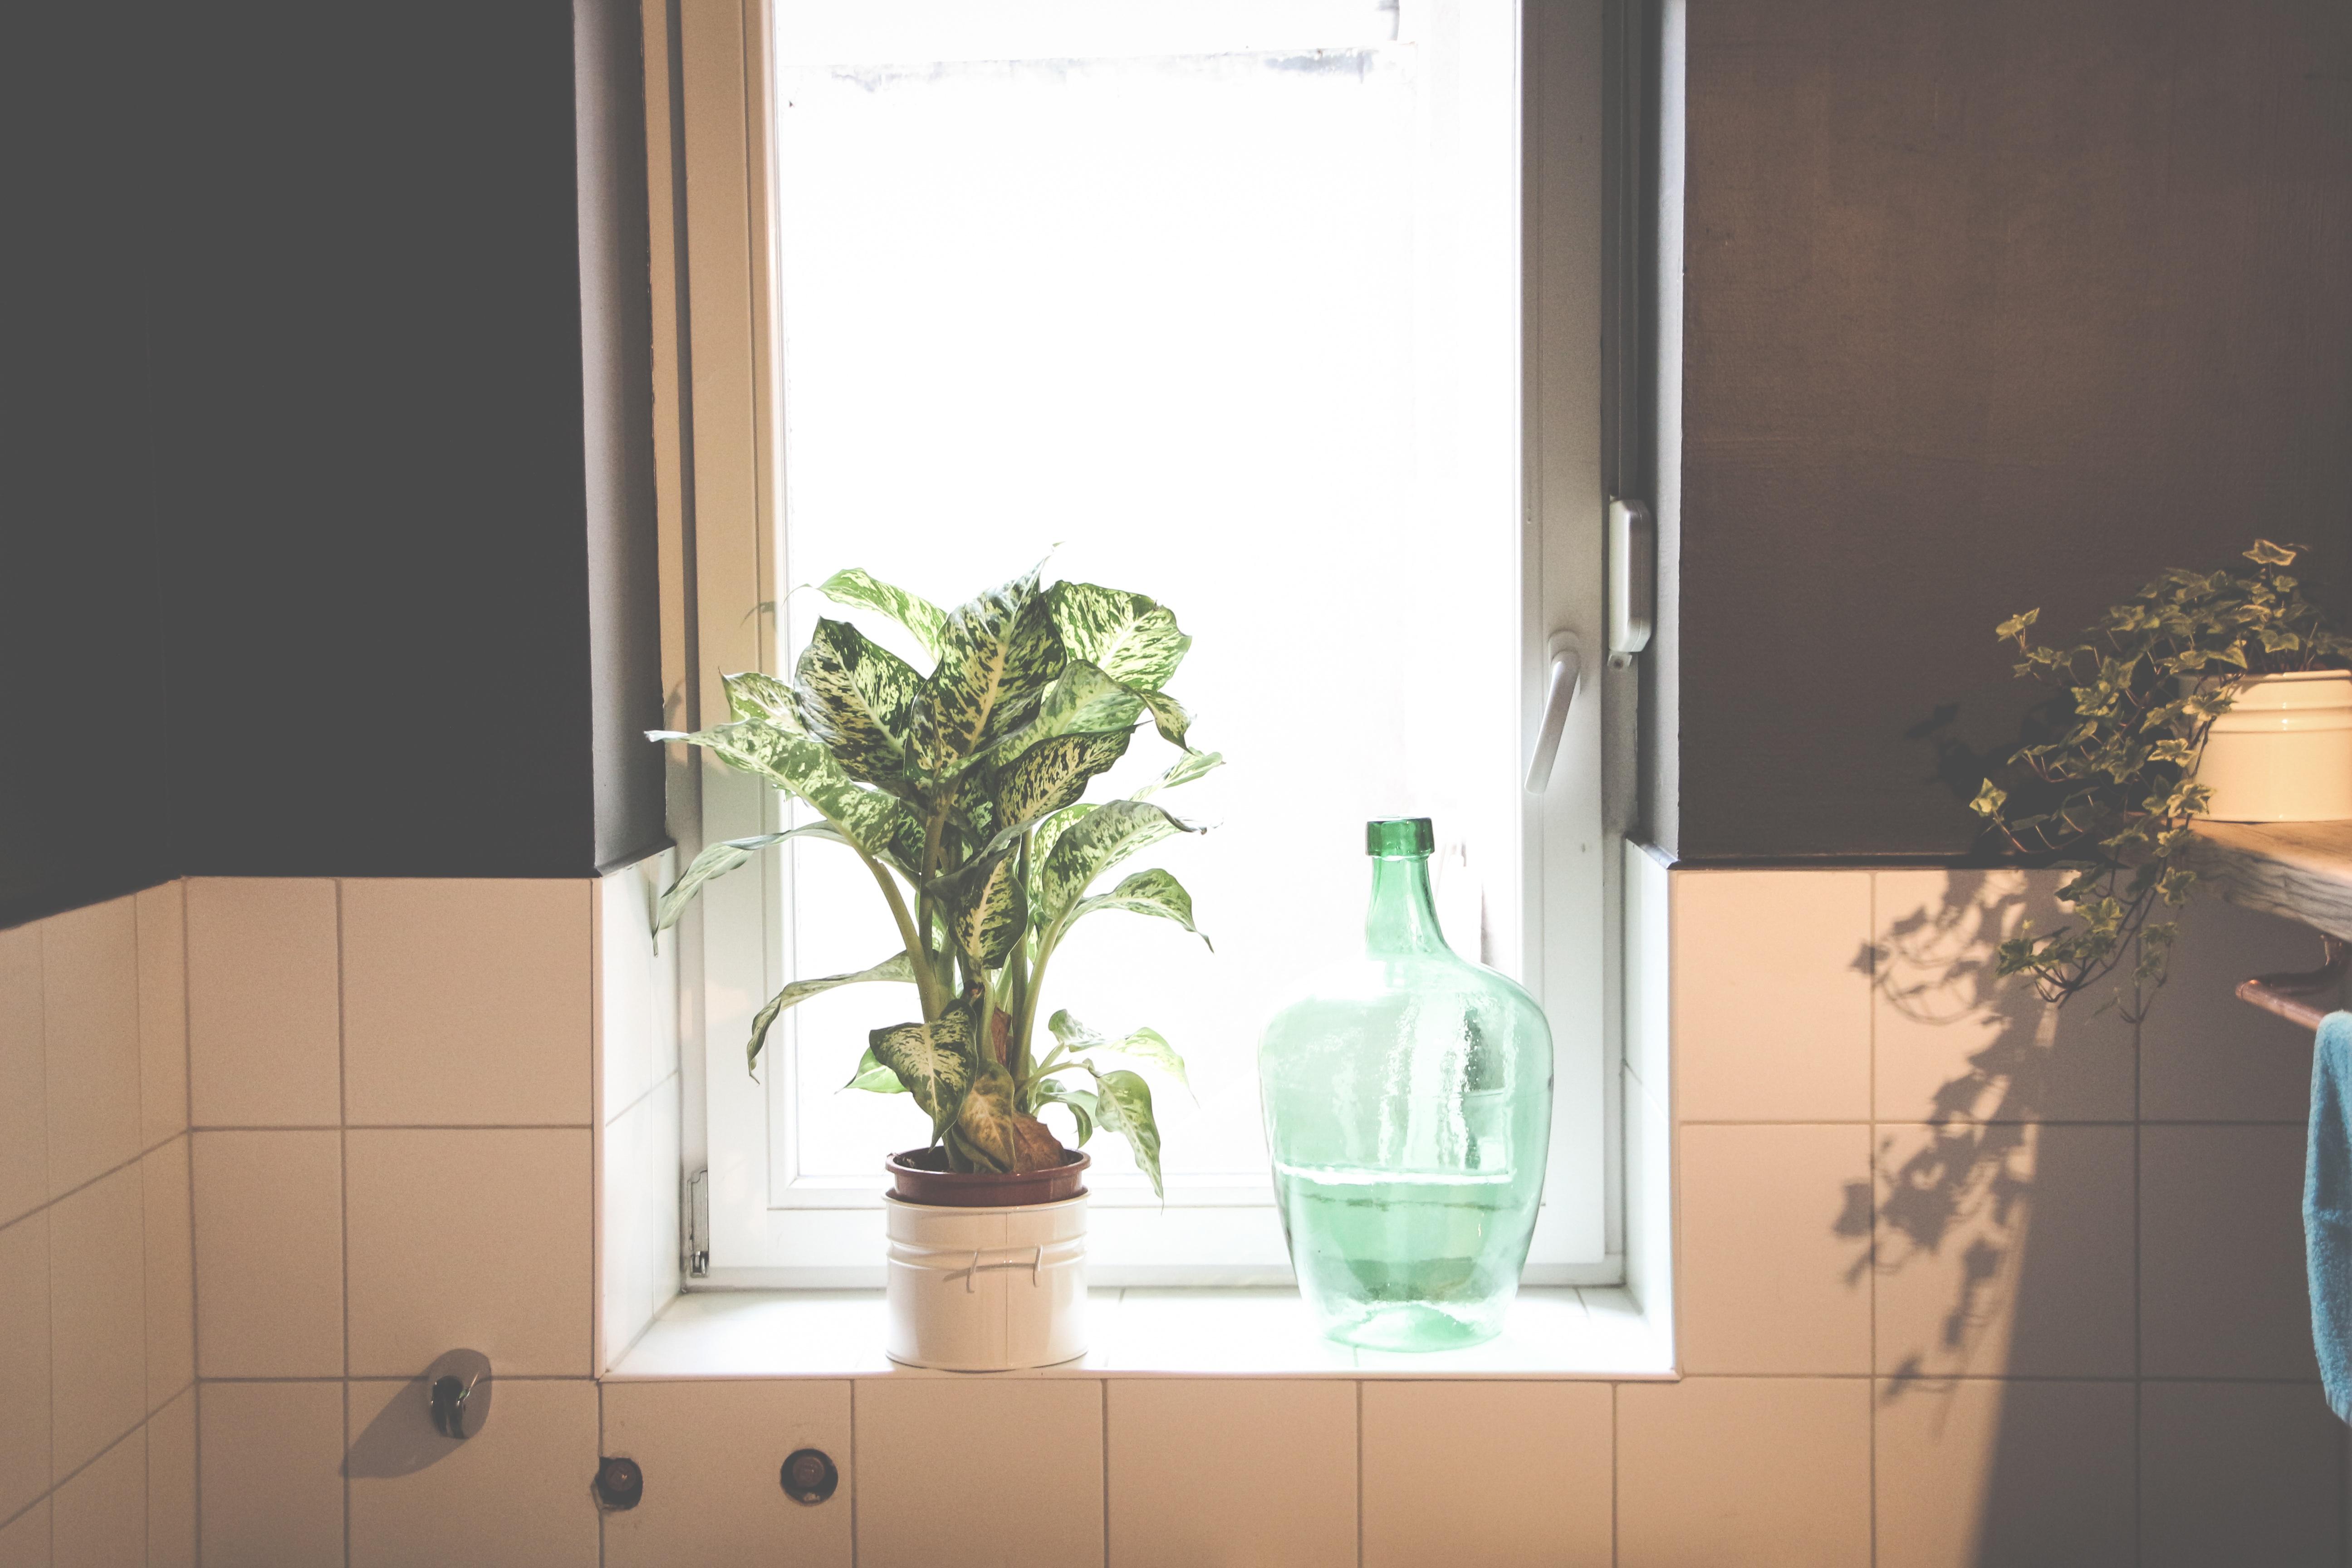 무료 이미지 : 유리, 집, 벽, 녹색, 커튼, 방, 조명, 인테리어 ...